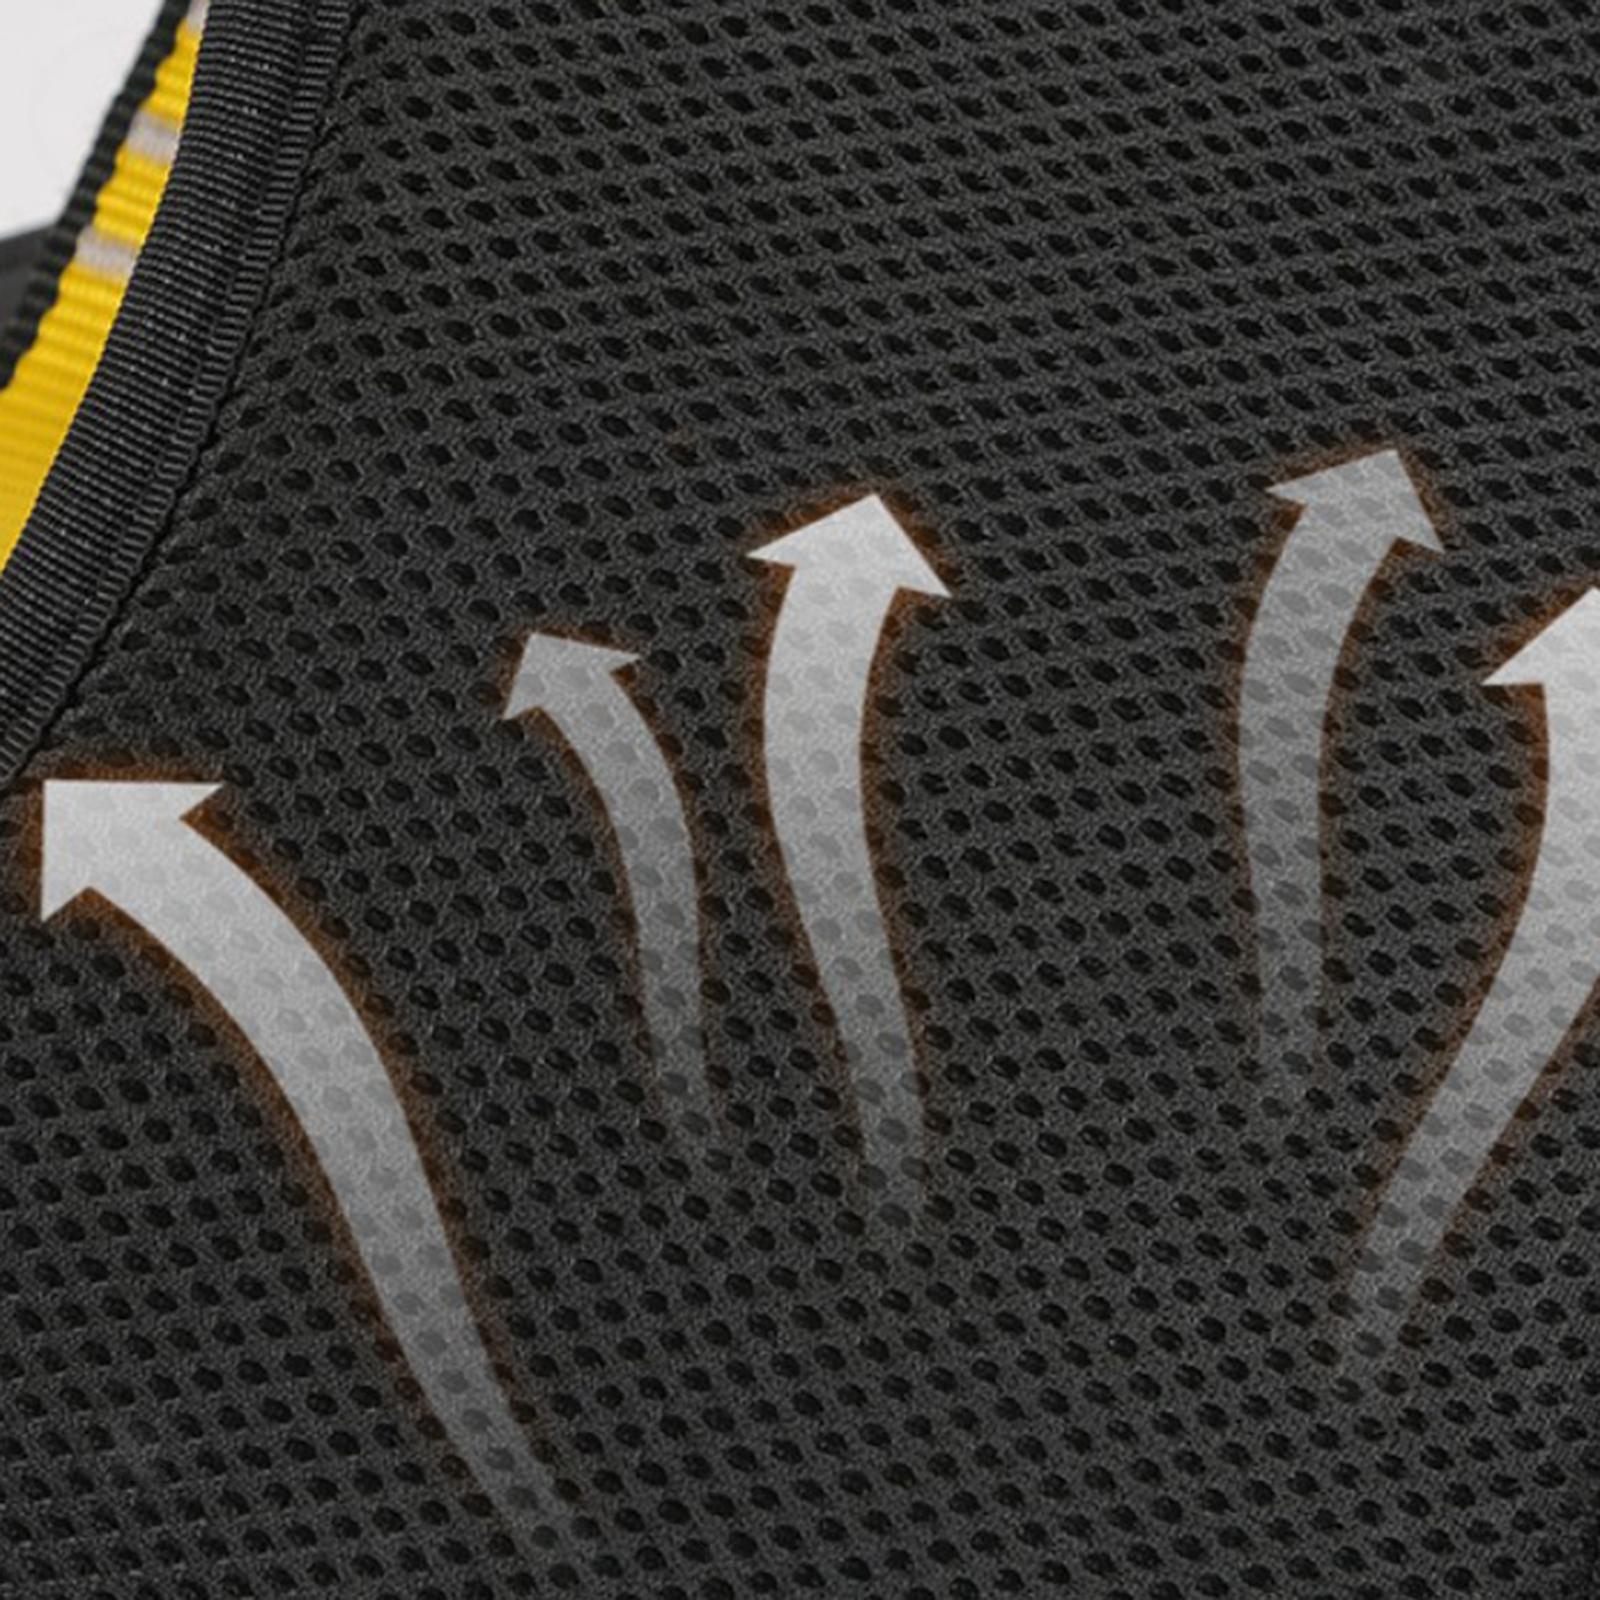 Indexbild 7 - Ganzkörper kletter gurt lager 25kn, sicherheits brustgurt gurt baum klettern